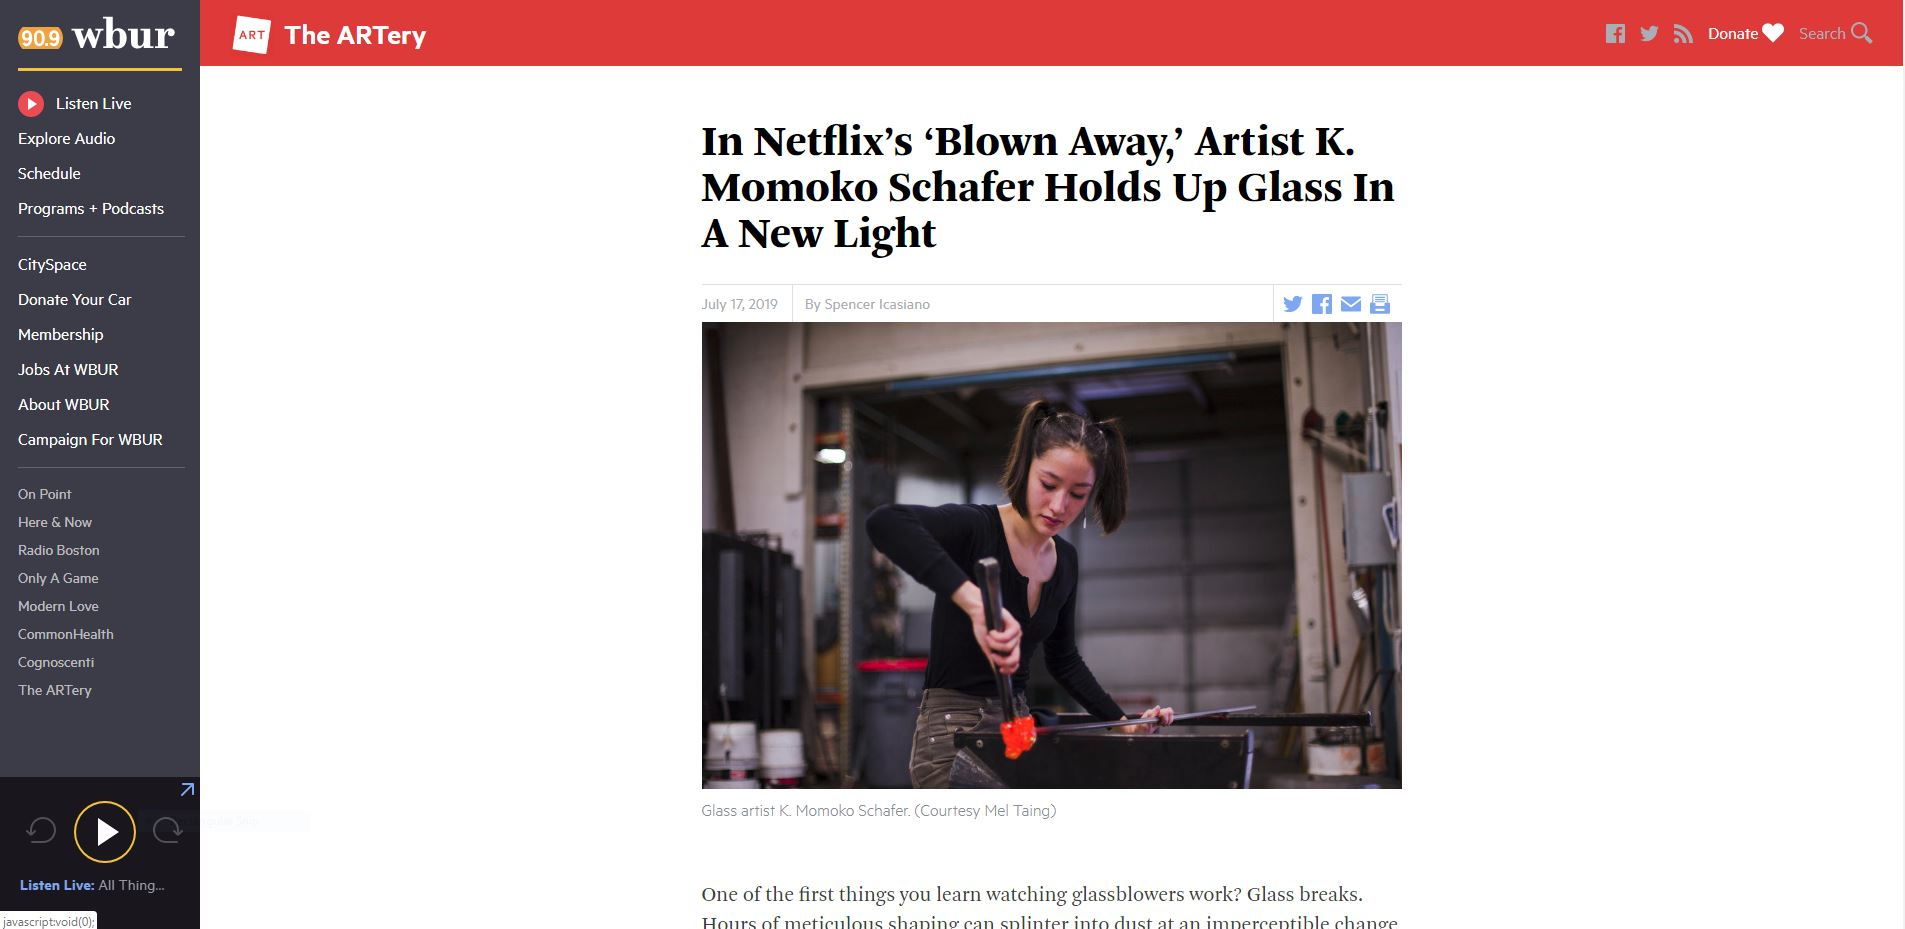 WBUR, The ARTery Interview   July 17th 2019 - In Netflix's 'Blown Away,' Artist K. Momoko Schafer Holds Up Glass In A New Light